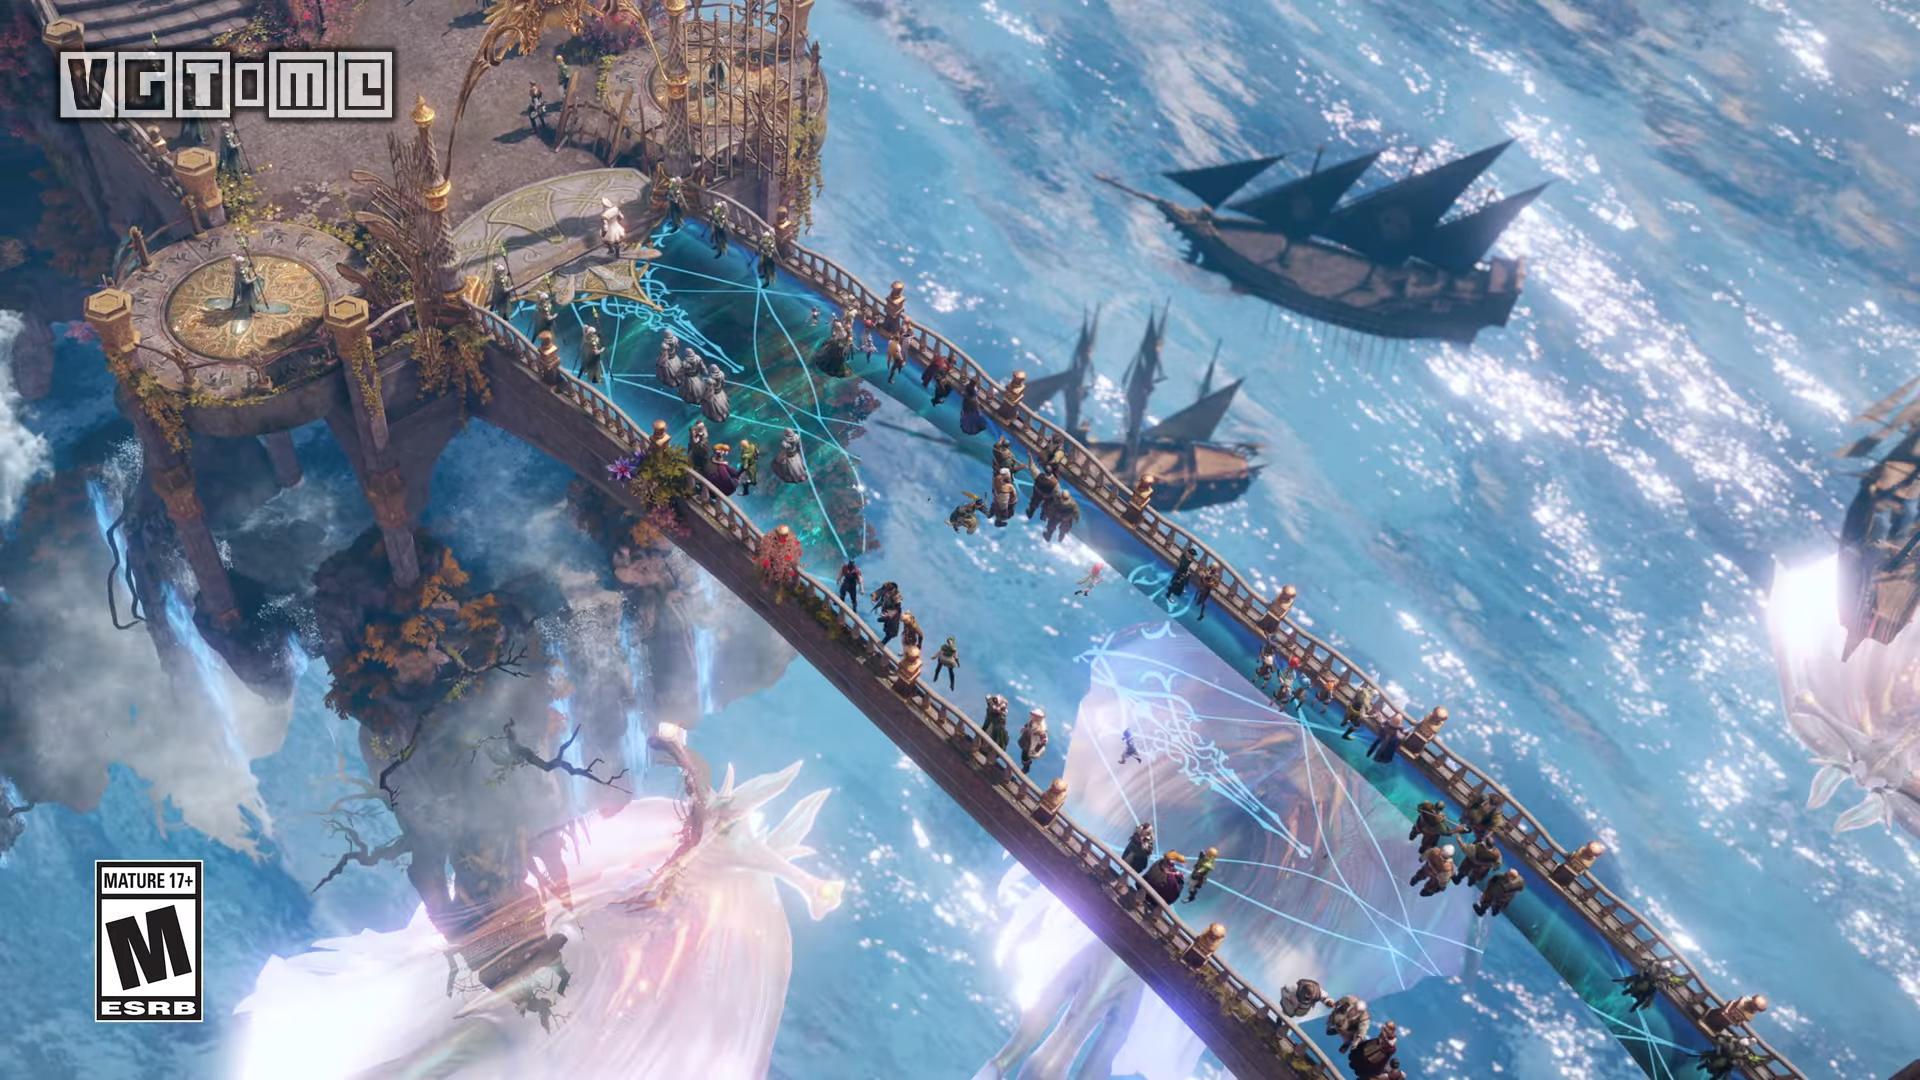 亚马逊免费网游《Lost Ark》公布 2021秋季发售